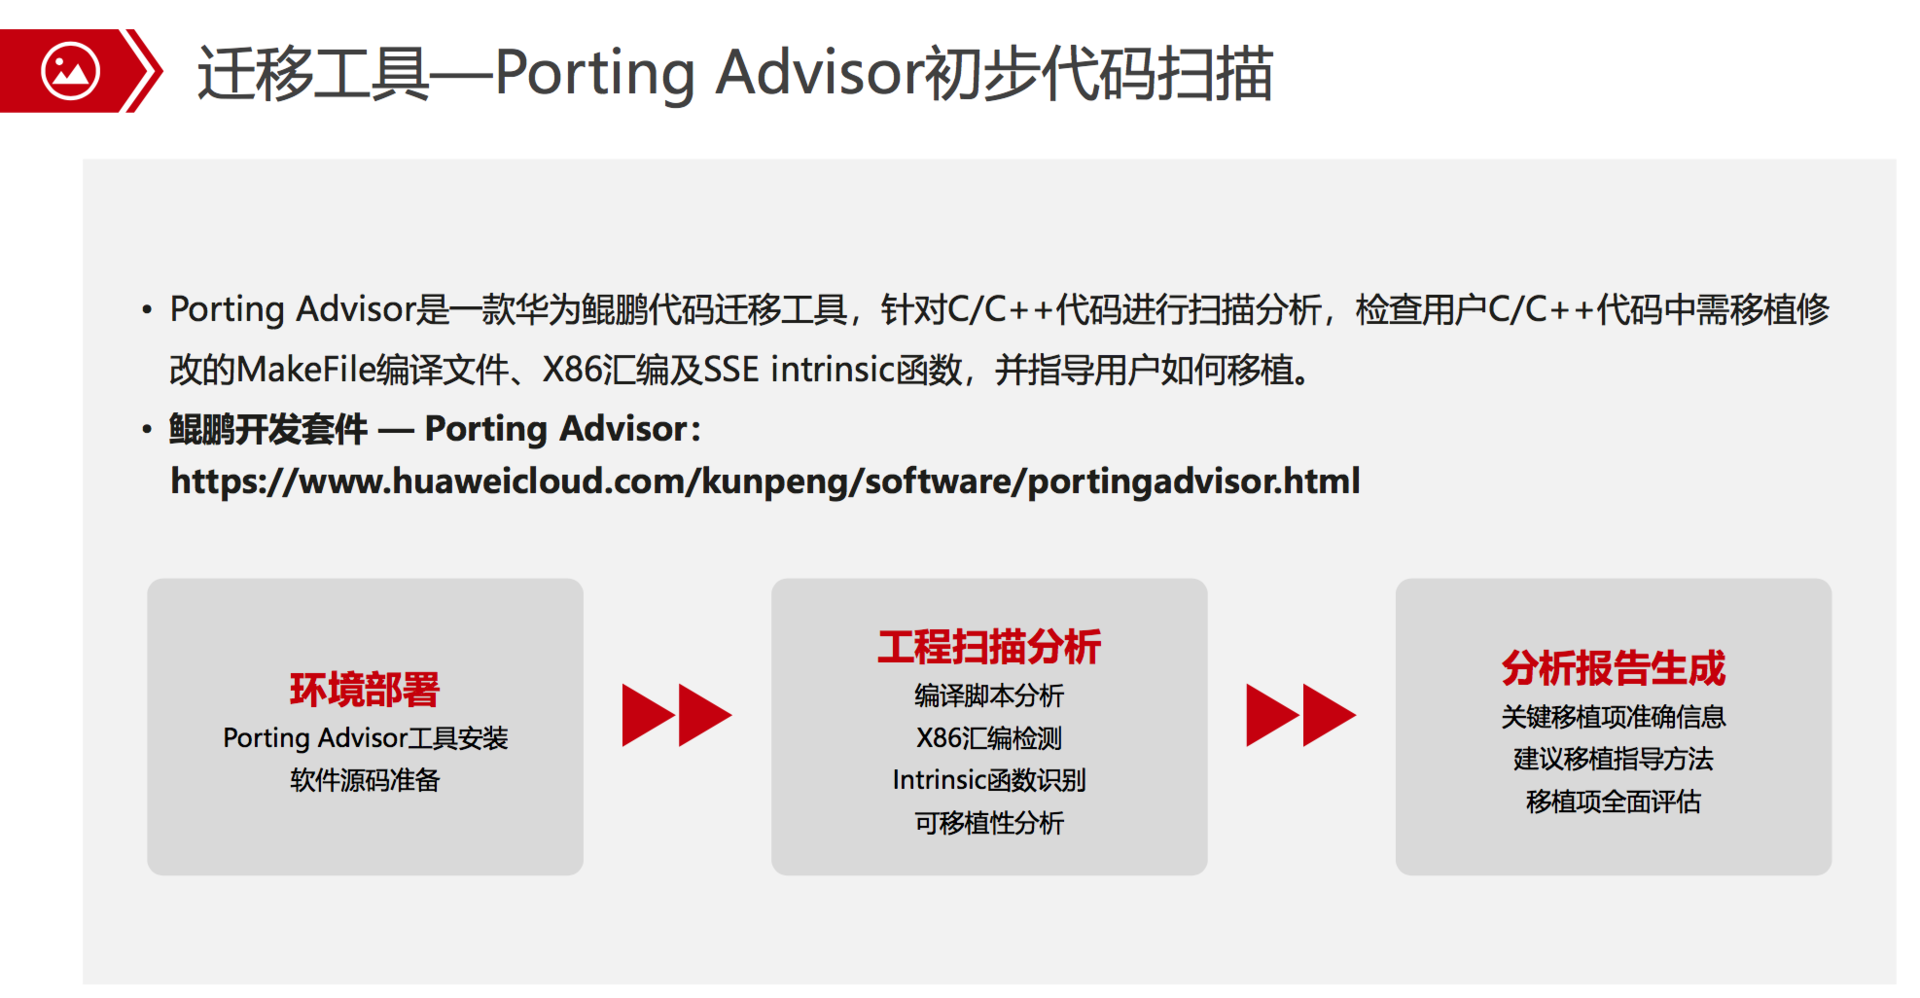 鲲鹏展翅锦官城,助力开发者掌握迁移法则